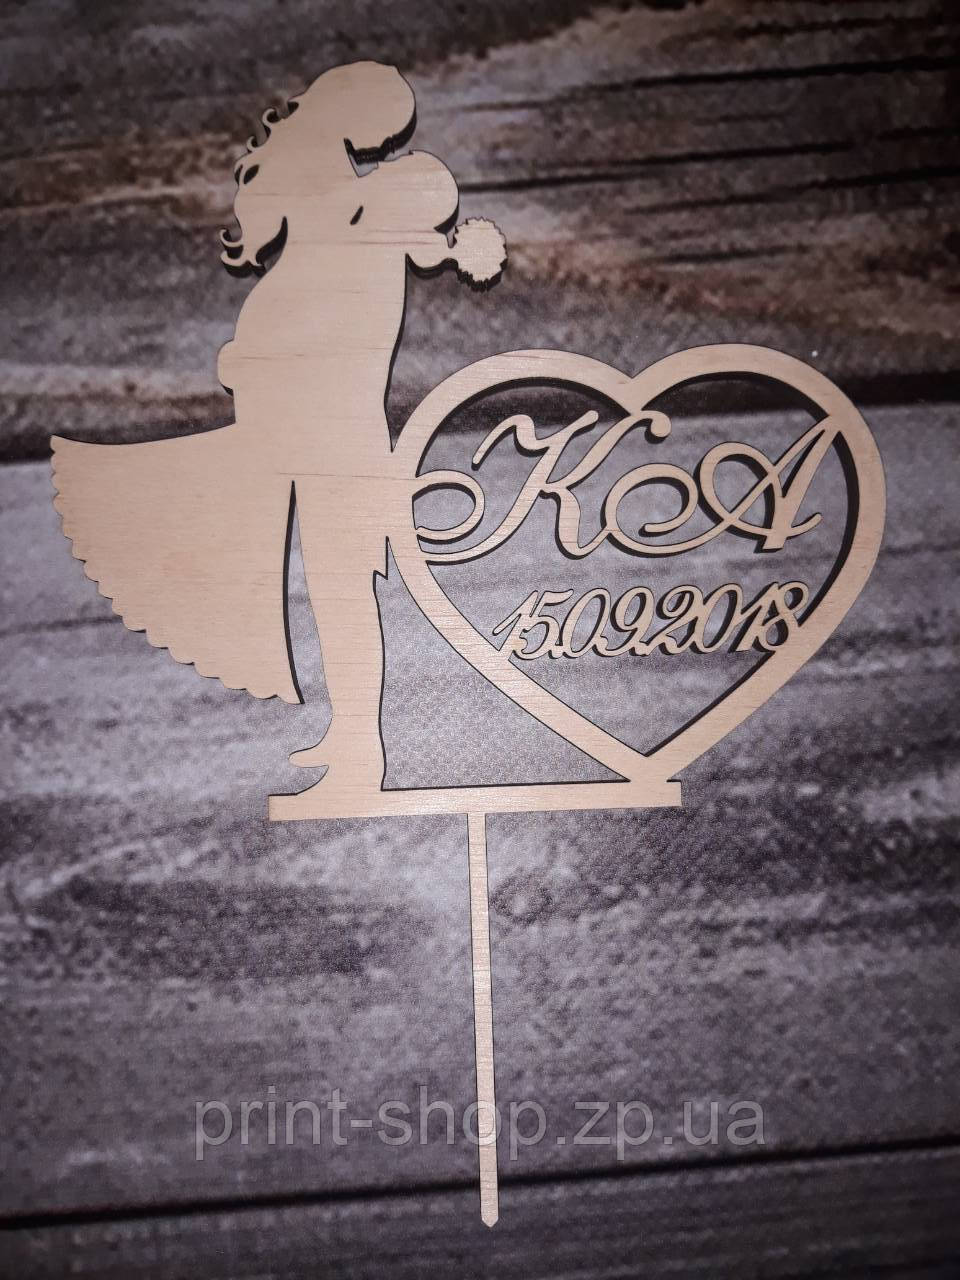 Фігурка для торта наречений з нареченою. Дата весілля та ініціали з дерева.